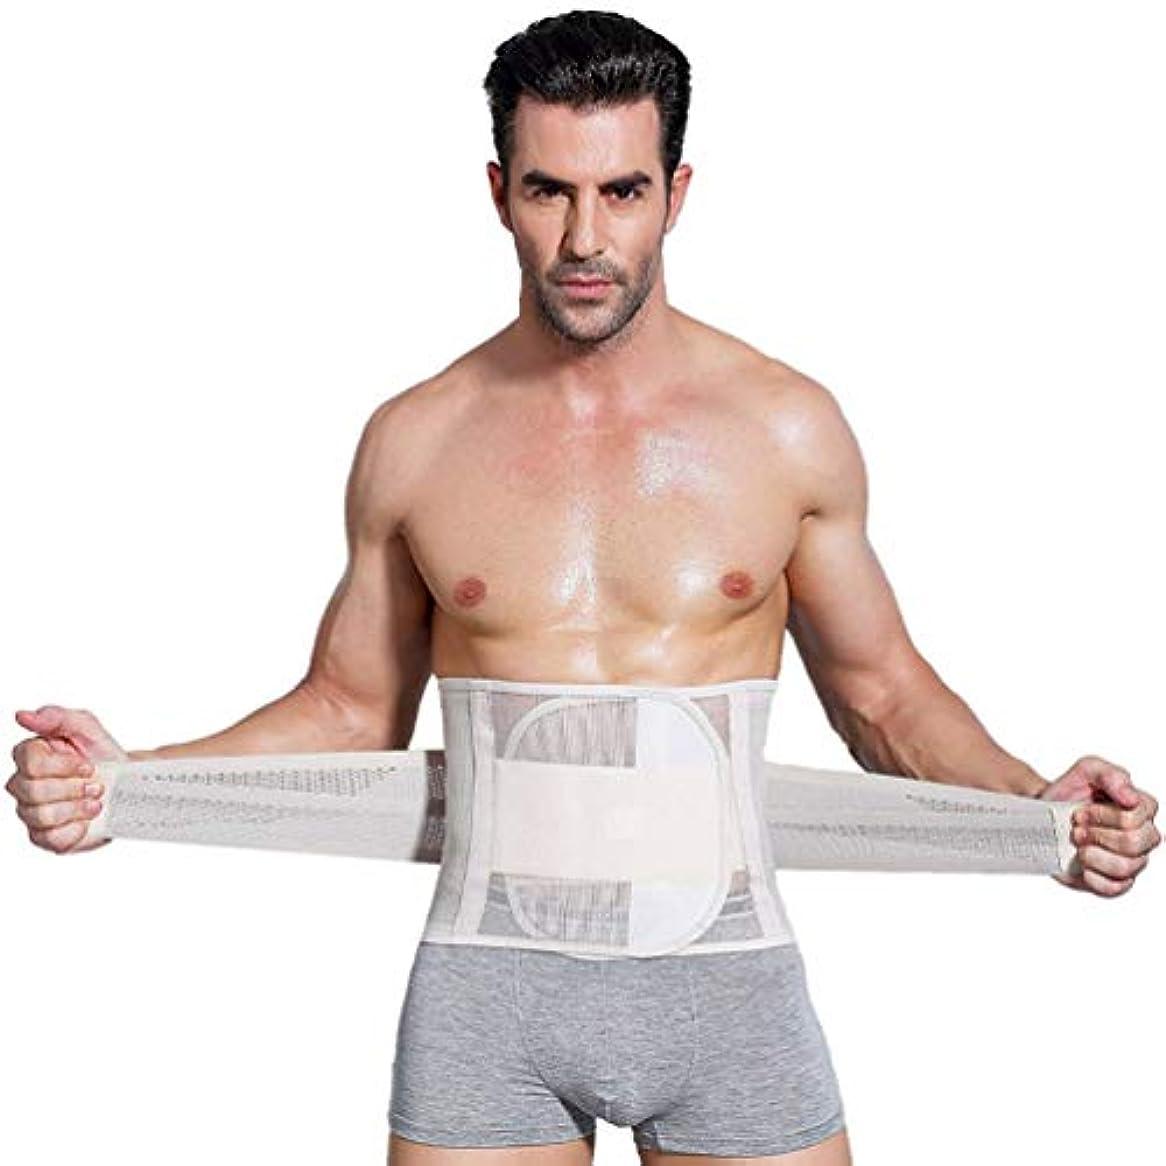 バーチャル悪魔ずっと男性ボディシェイパーコルセット腹部おなかコントロールウエストトレーナーニッパー脂肪燃焼ガードル痩身腹ベルト用男性 - 肌色M